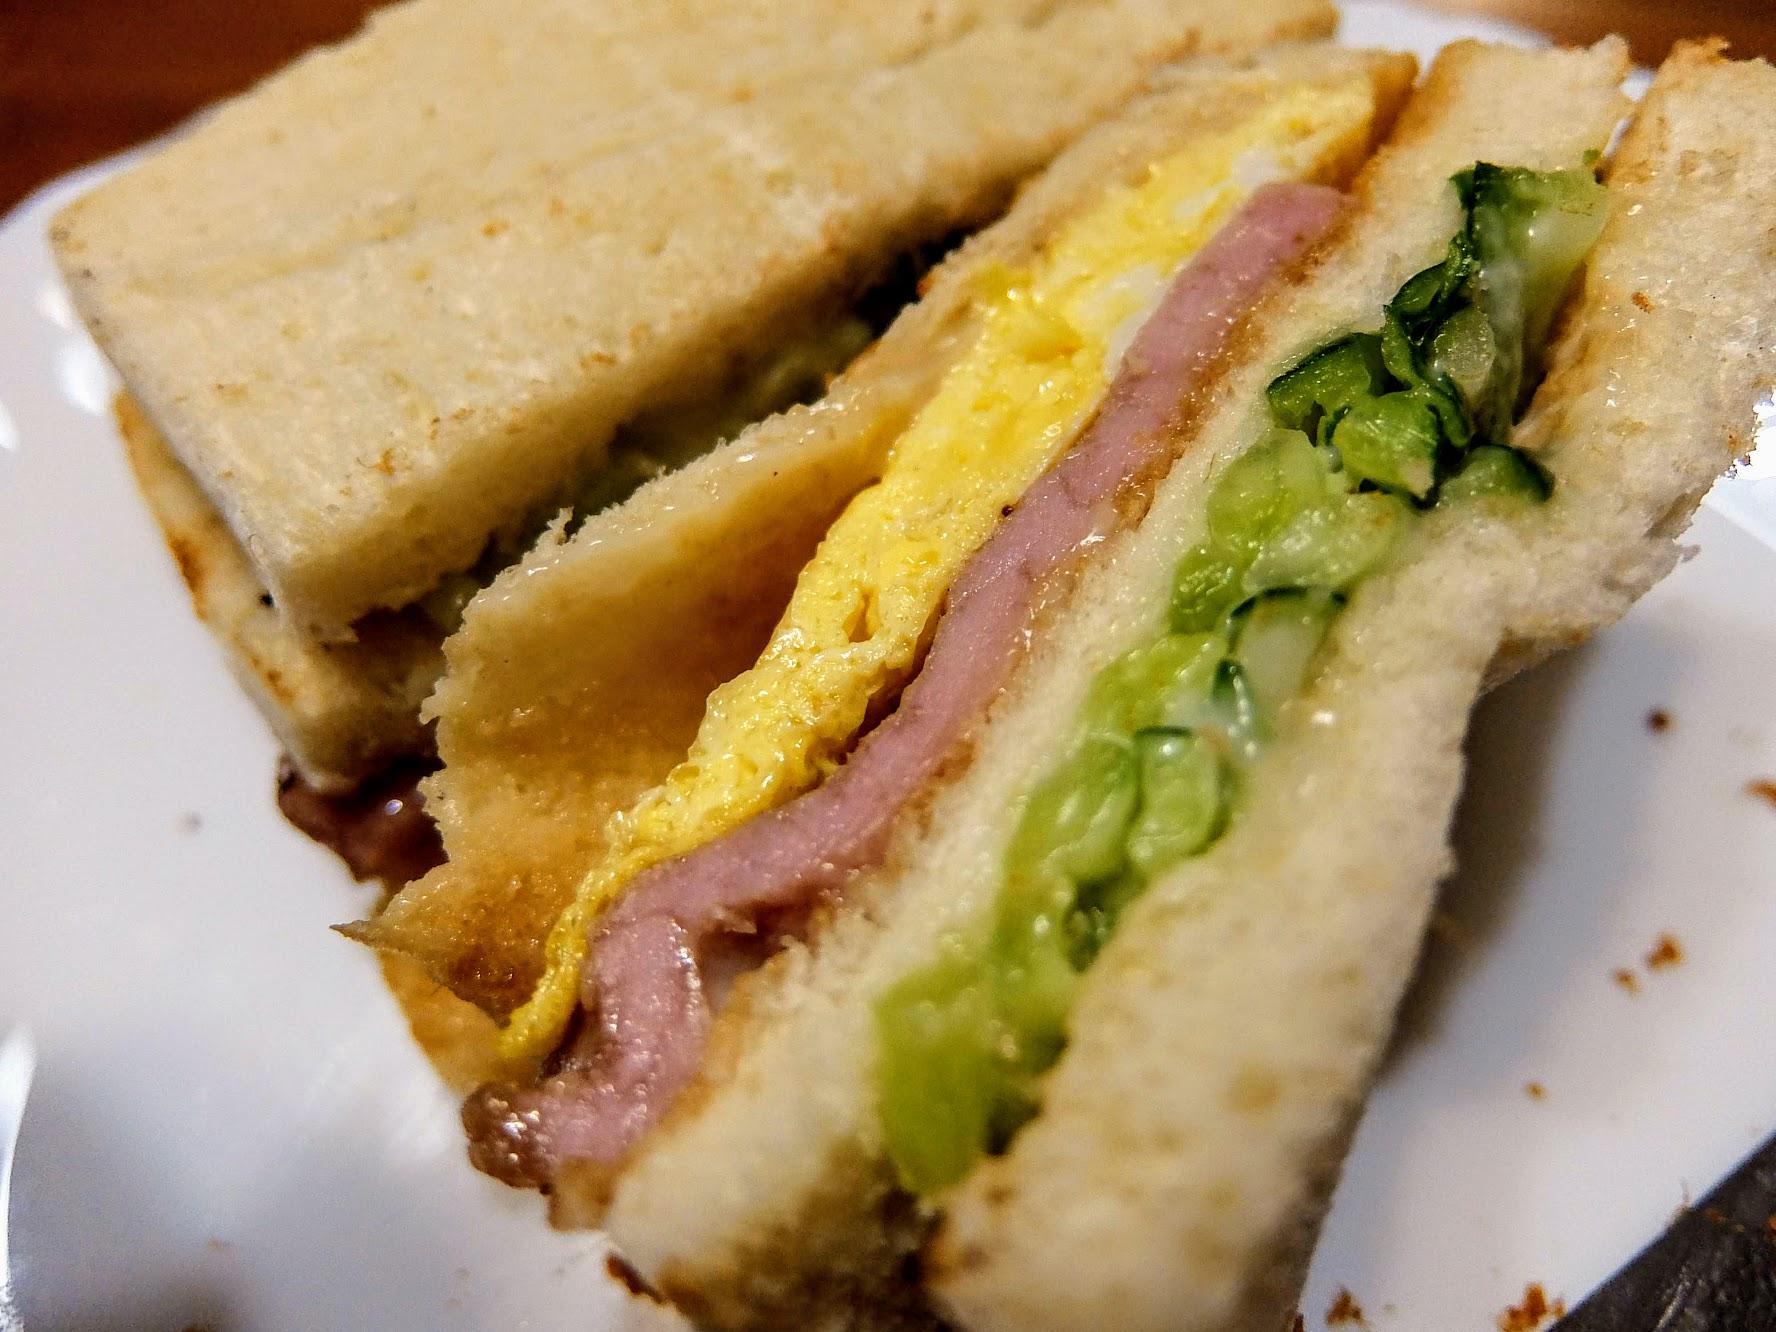 燒肉三明治,其實料真的多,當然裡頭的奶油也塗得很多XD